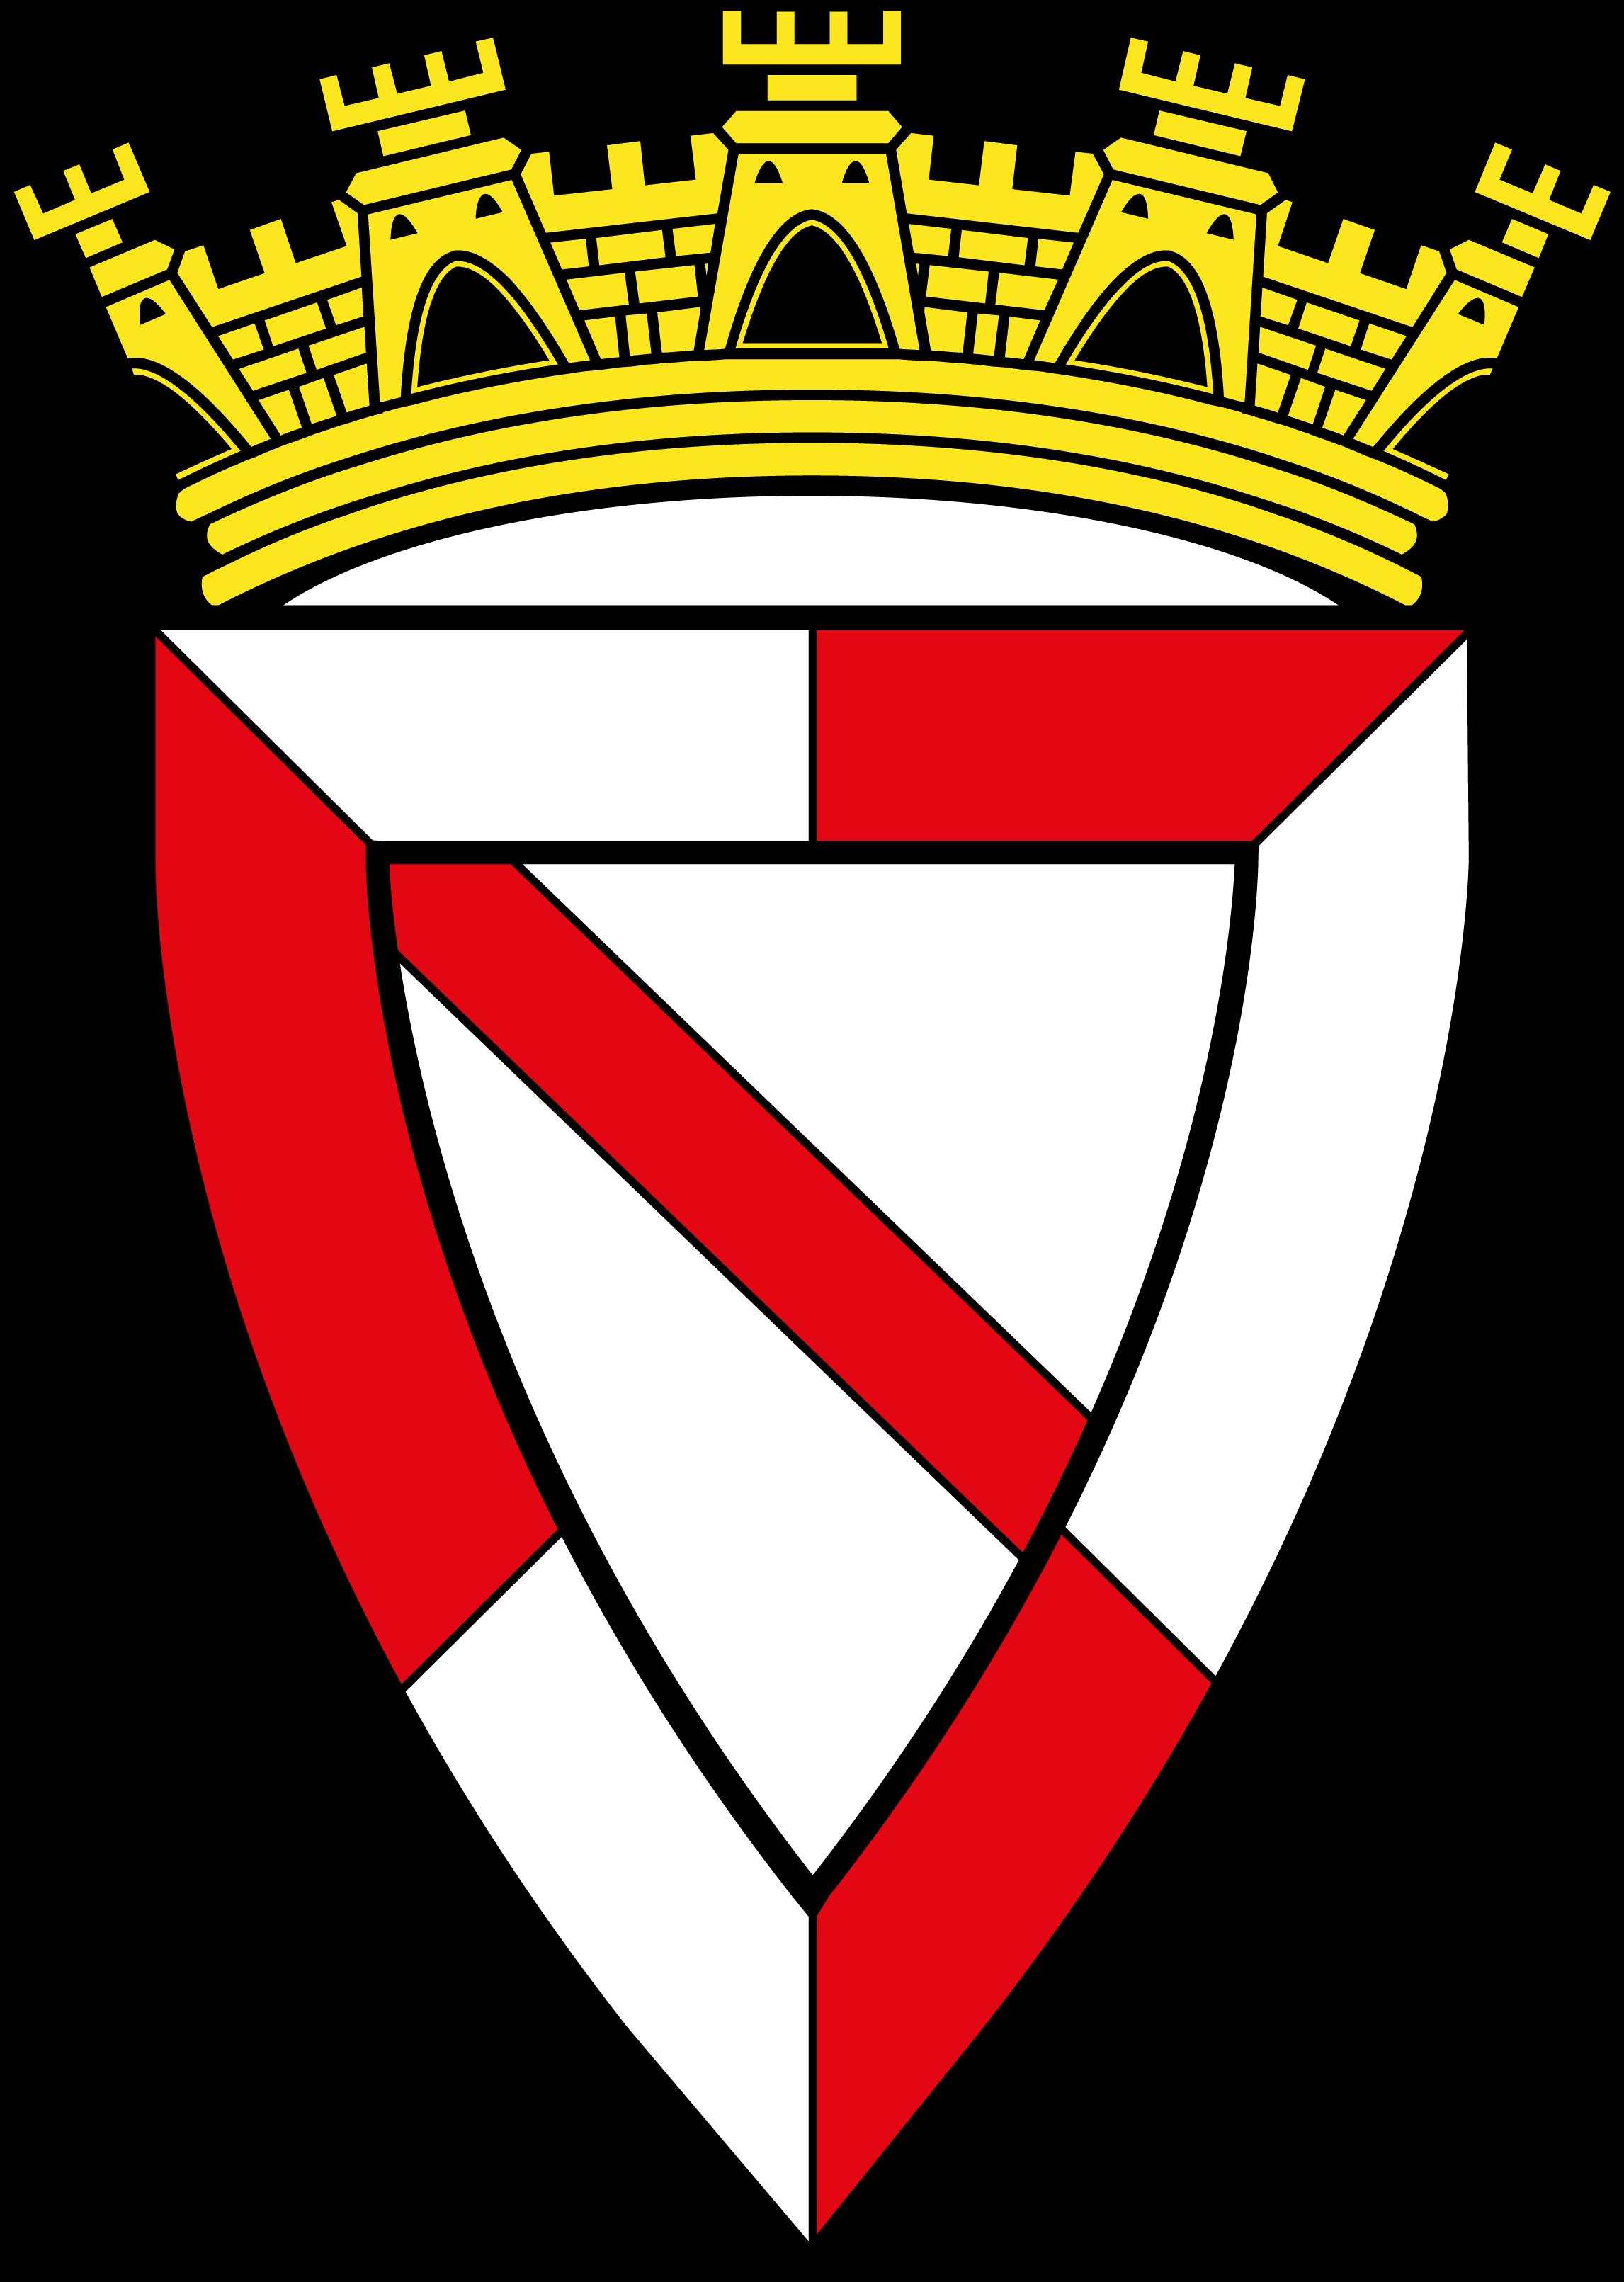 ACR Alvorense 1 Dezembro Football logo, Soccer team